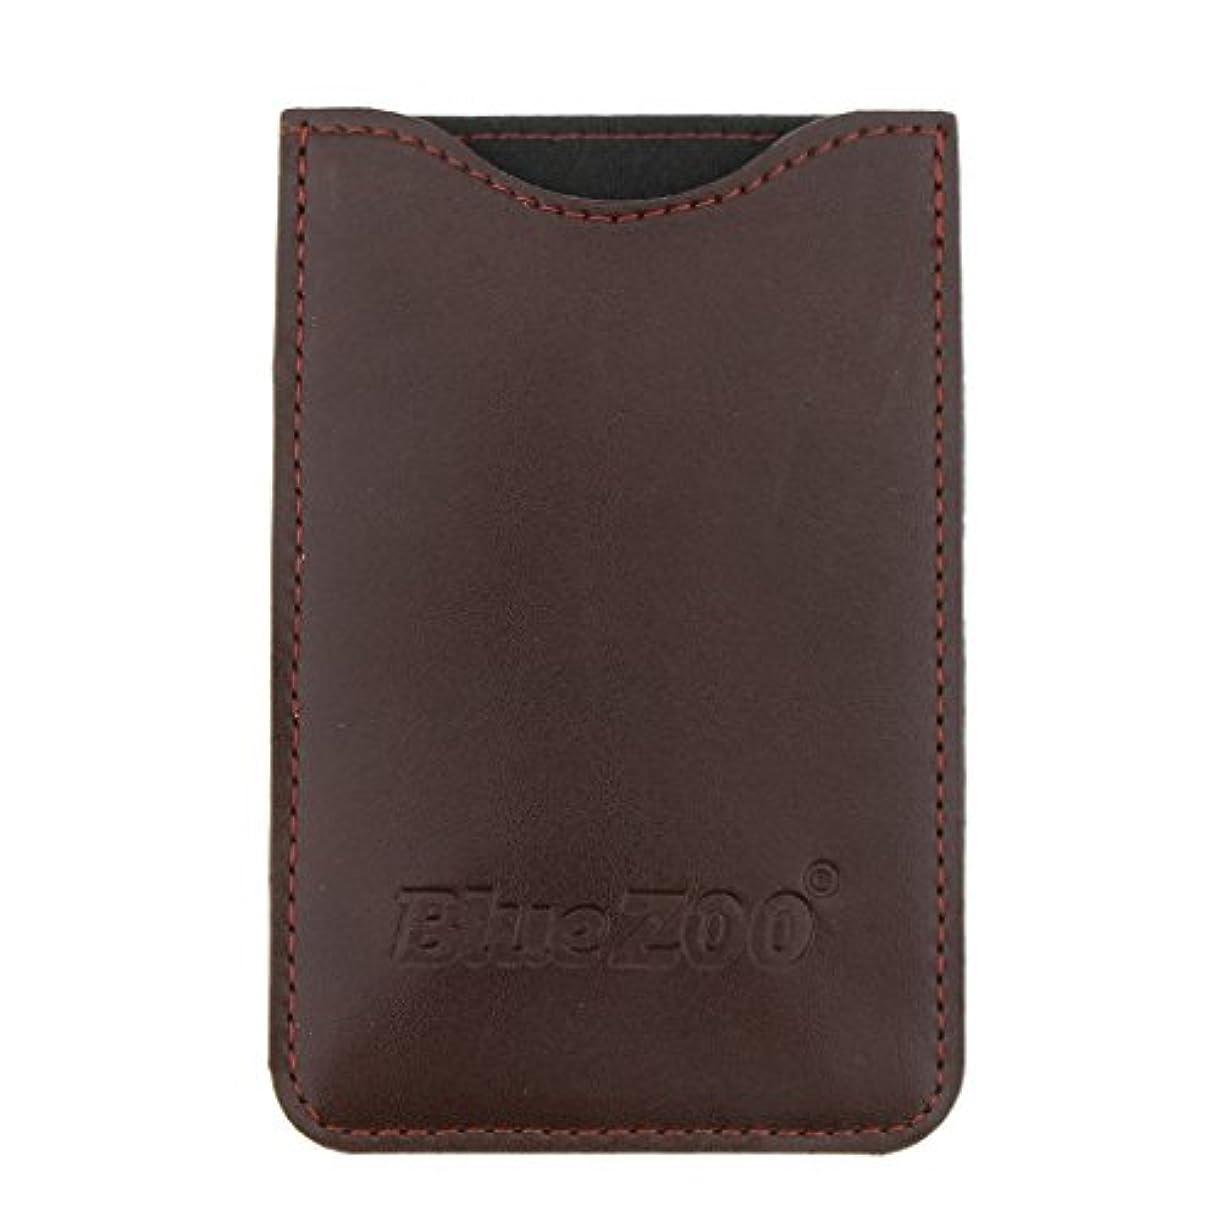 カーテンページェント機関Kesoto コームバッグ 収納ケース 収納パック 保護カバー PUレザー 櫛/ヘアブラシ/名刺/IDカード/銀行カード バッグ オーガナイザー 全2色  - 褐色